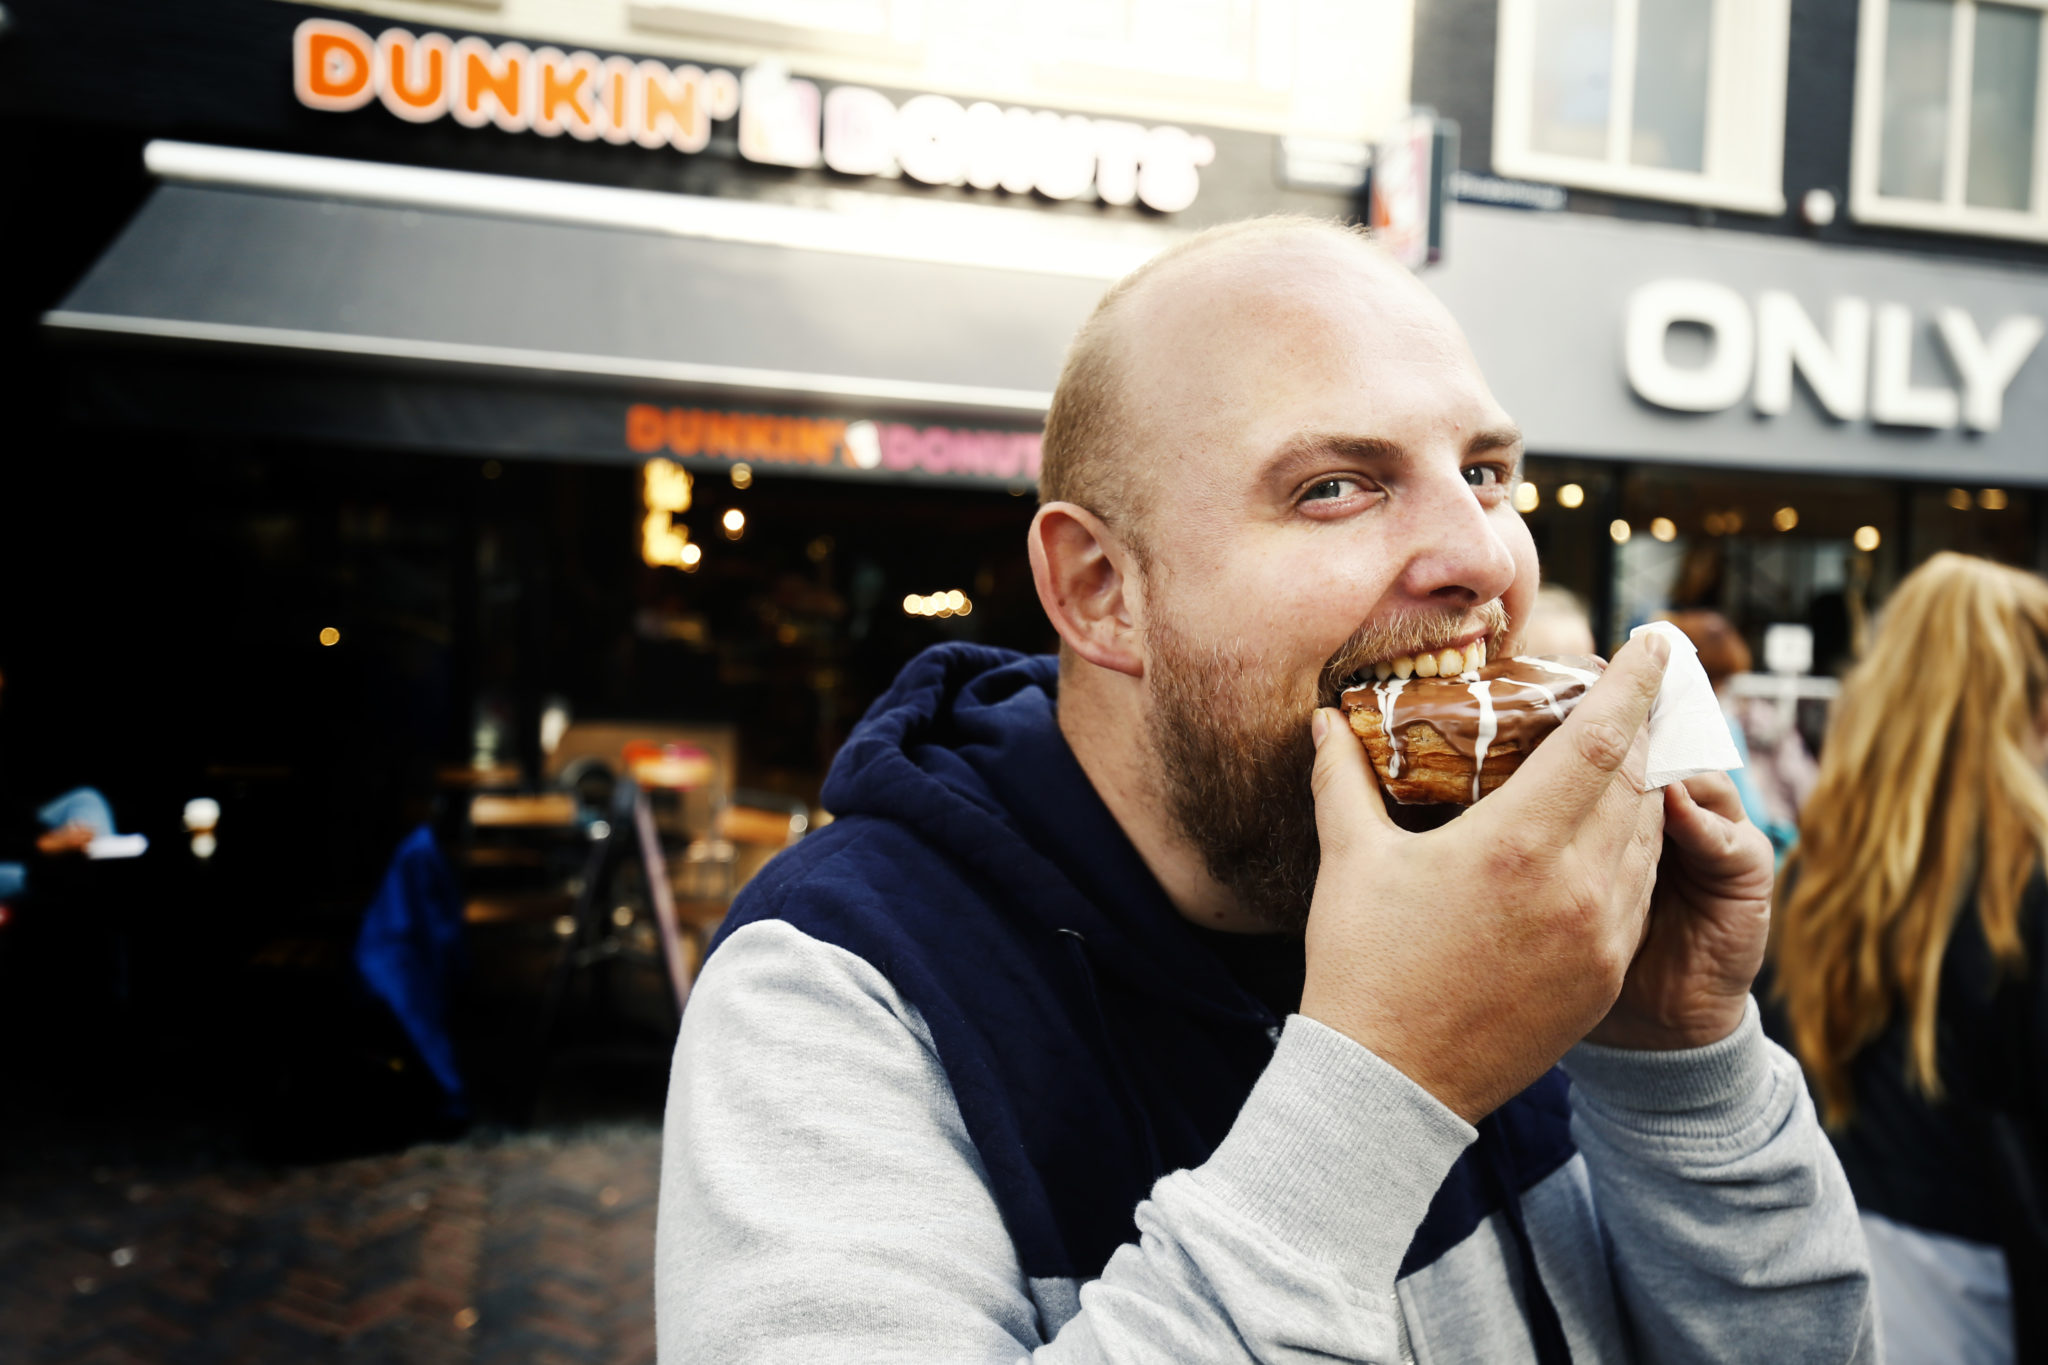 Dunkin Donuts utrecht